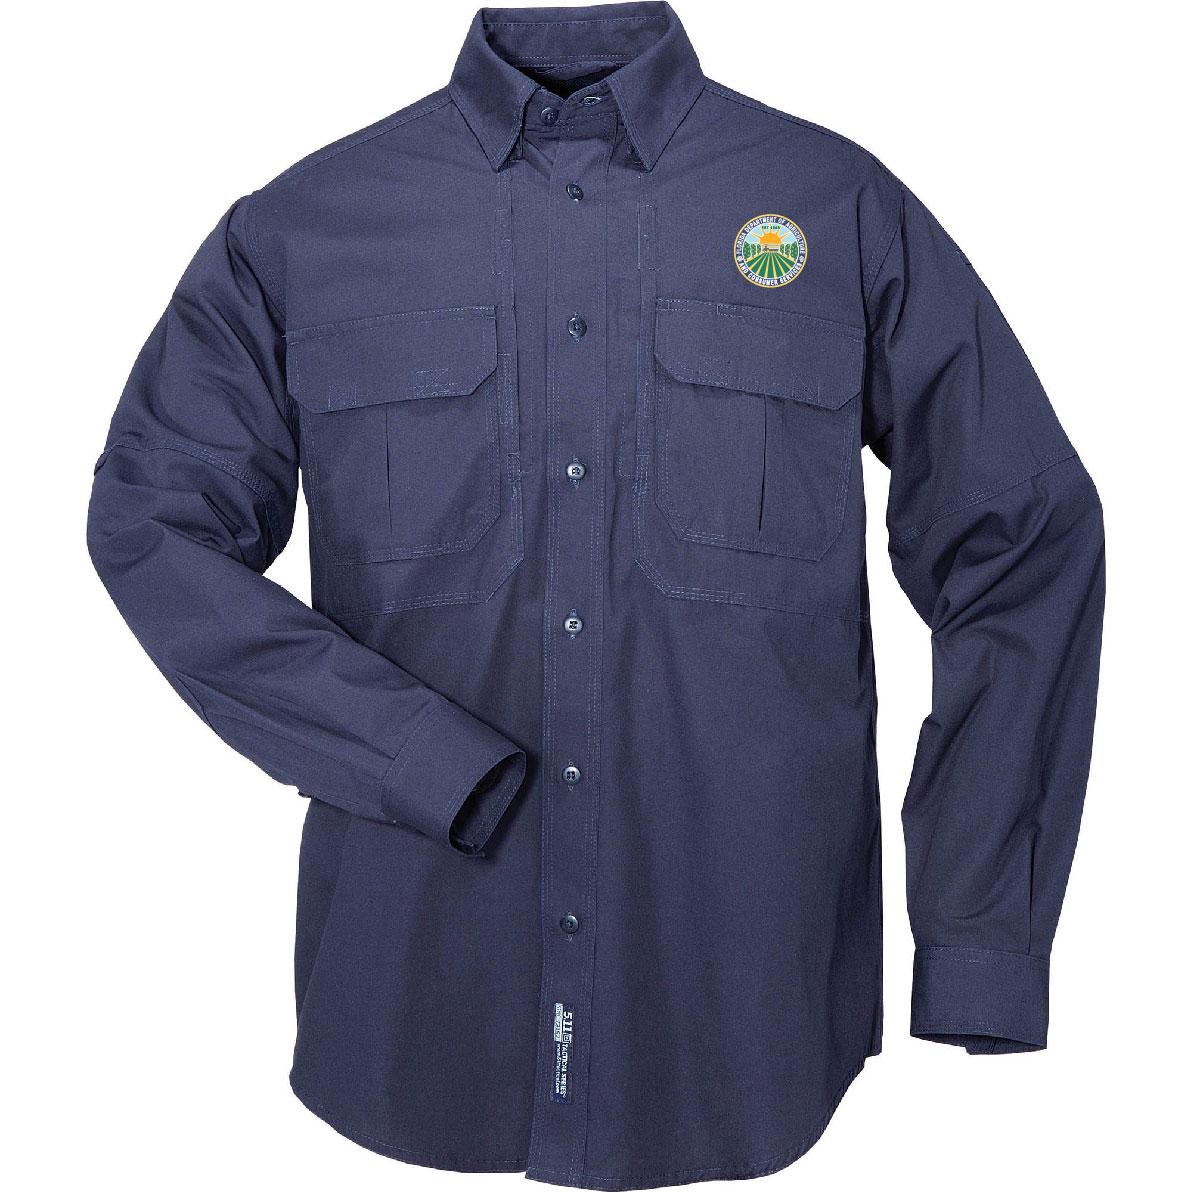 e11890290 5.11 Tactical Long Sleeve Shirt